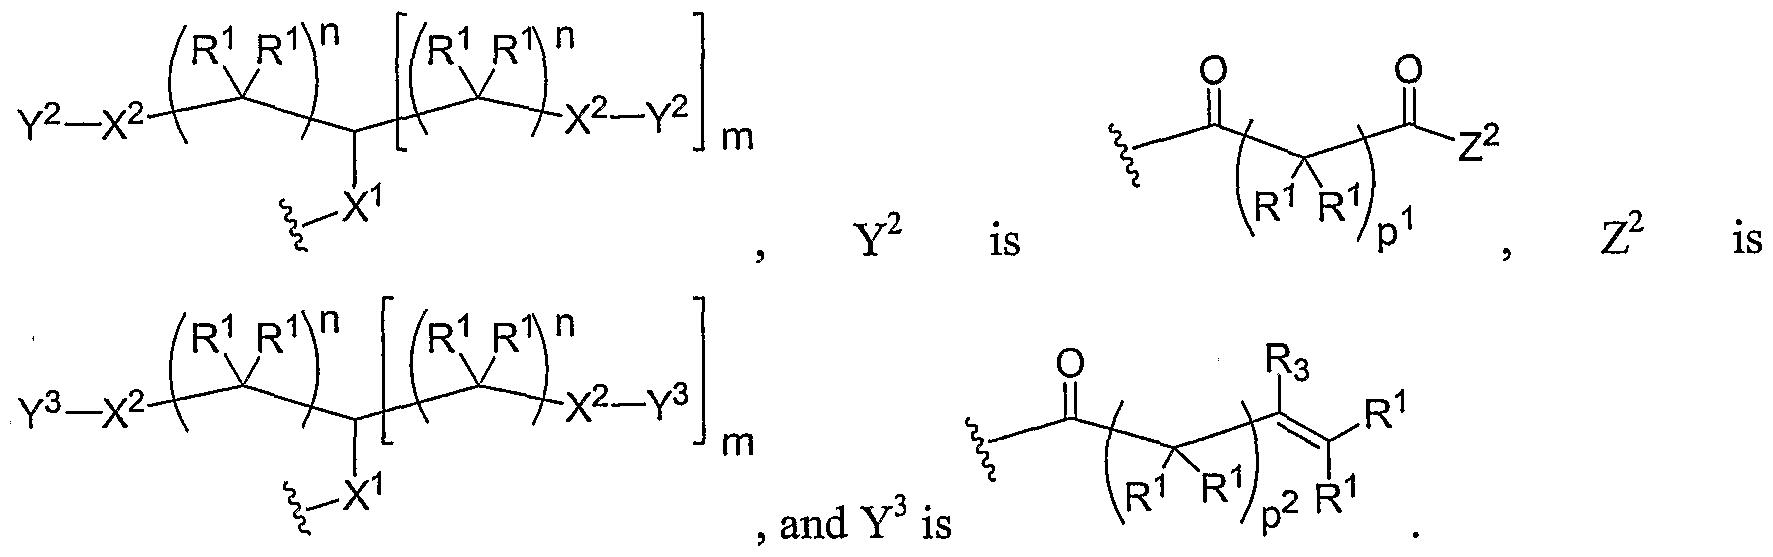 Figure imgf000383_0003